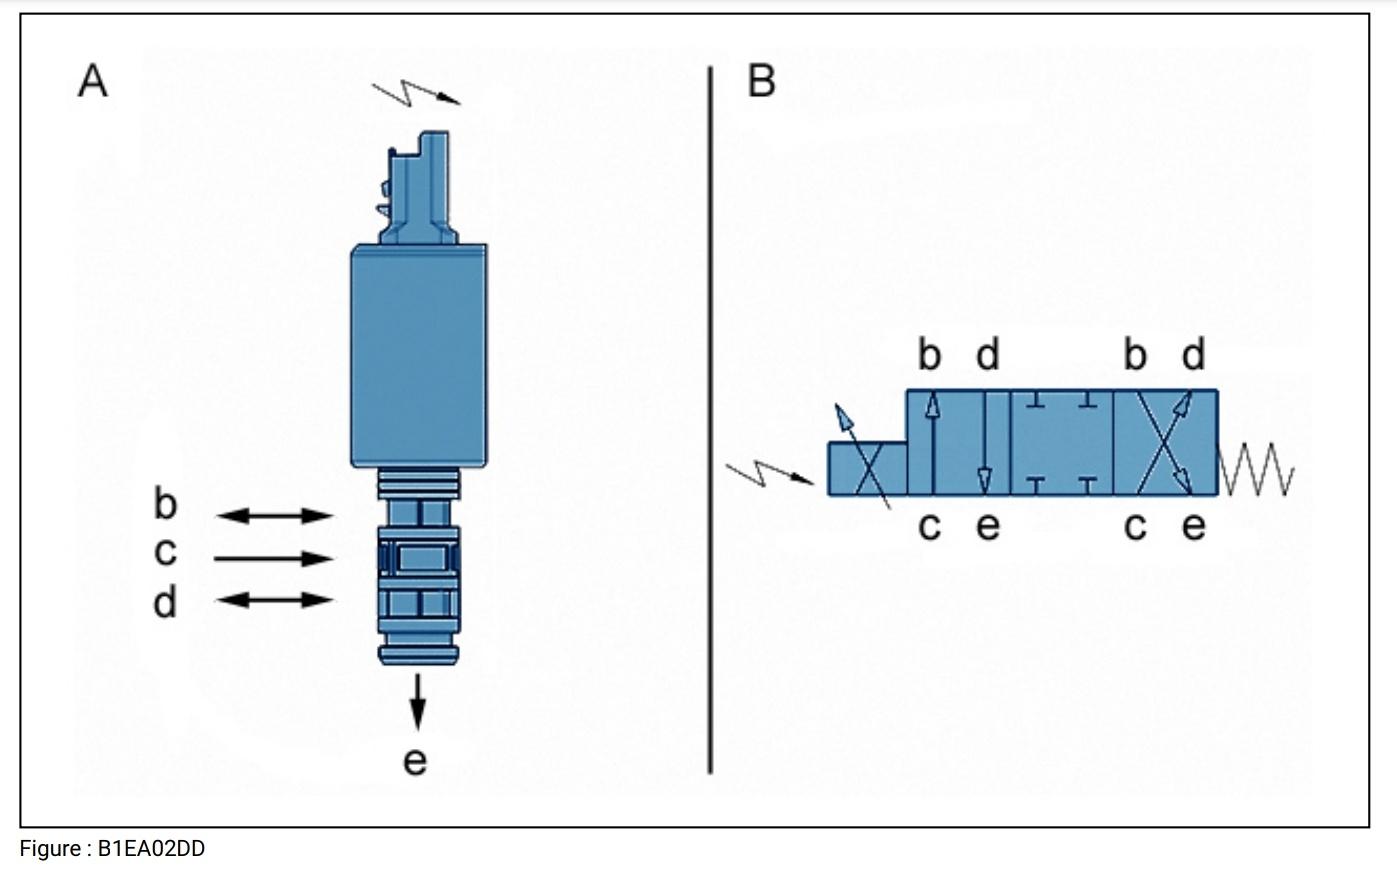 Représentation schématique et hydraulique